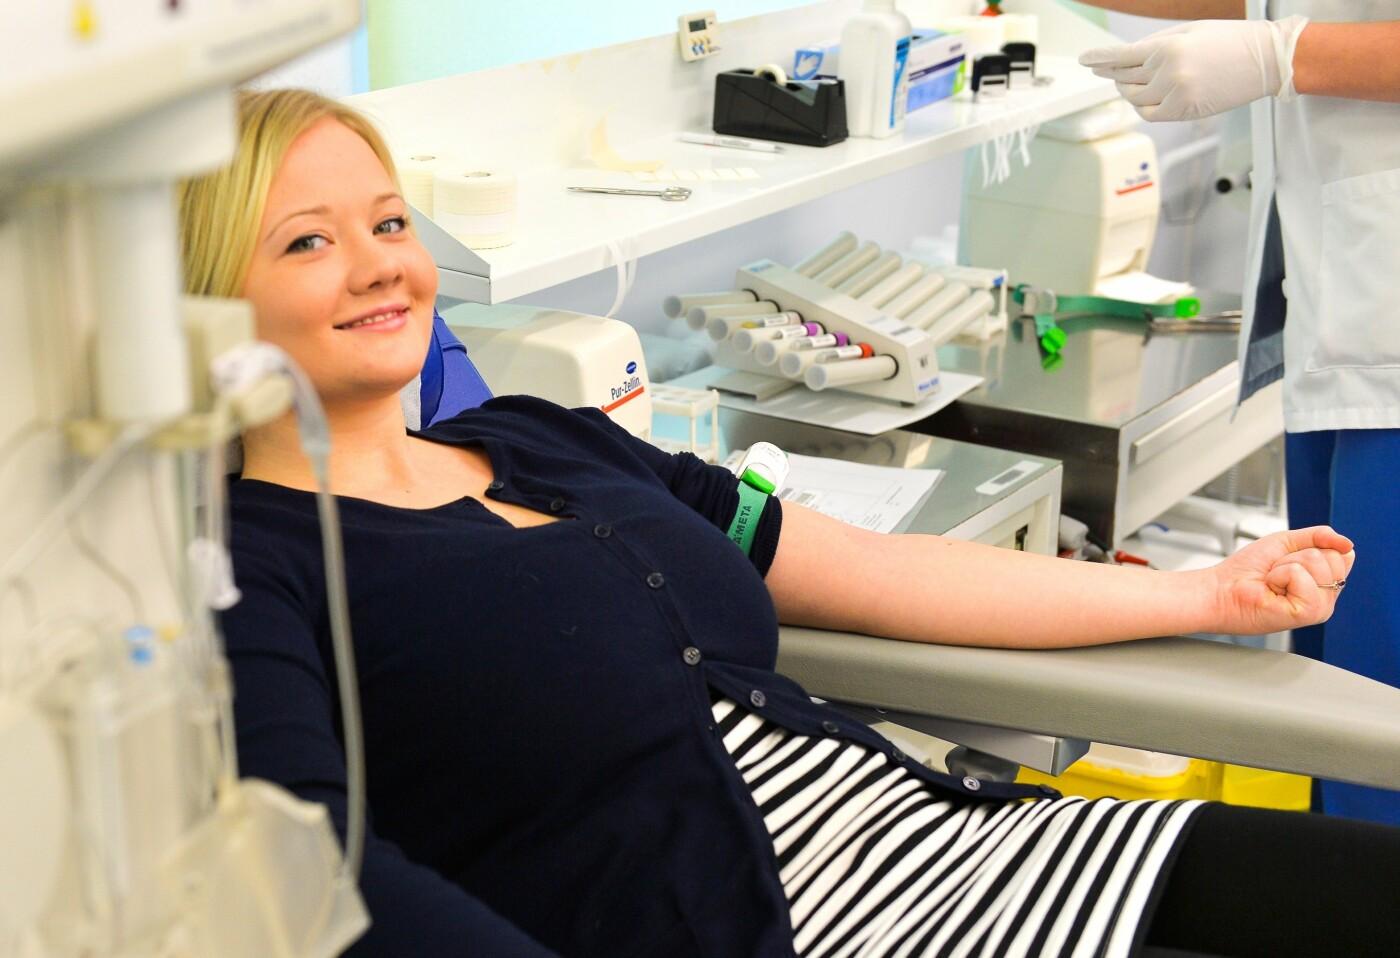 Субботняя акция по сдаче донорской крови пройдет в Ульяновске 18 сентября, фото-1